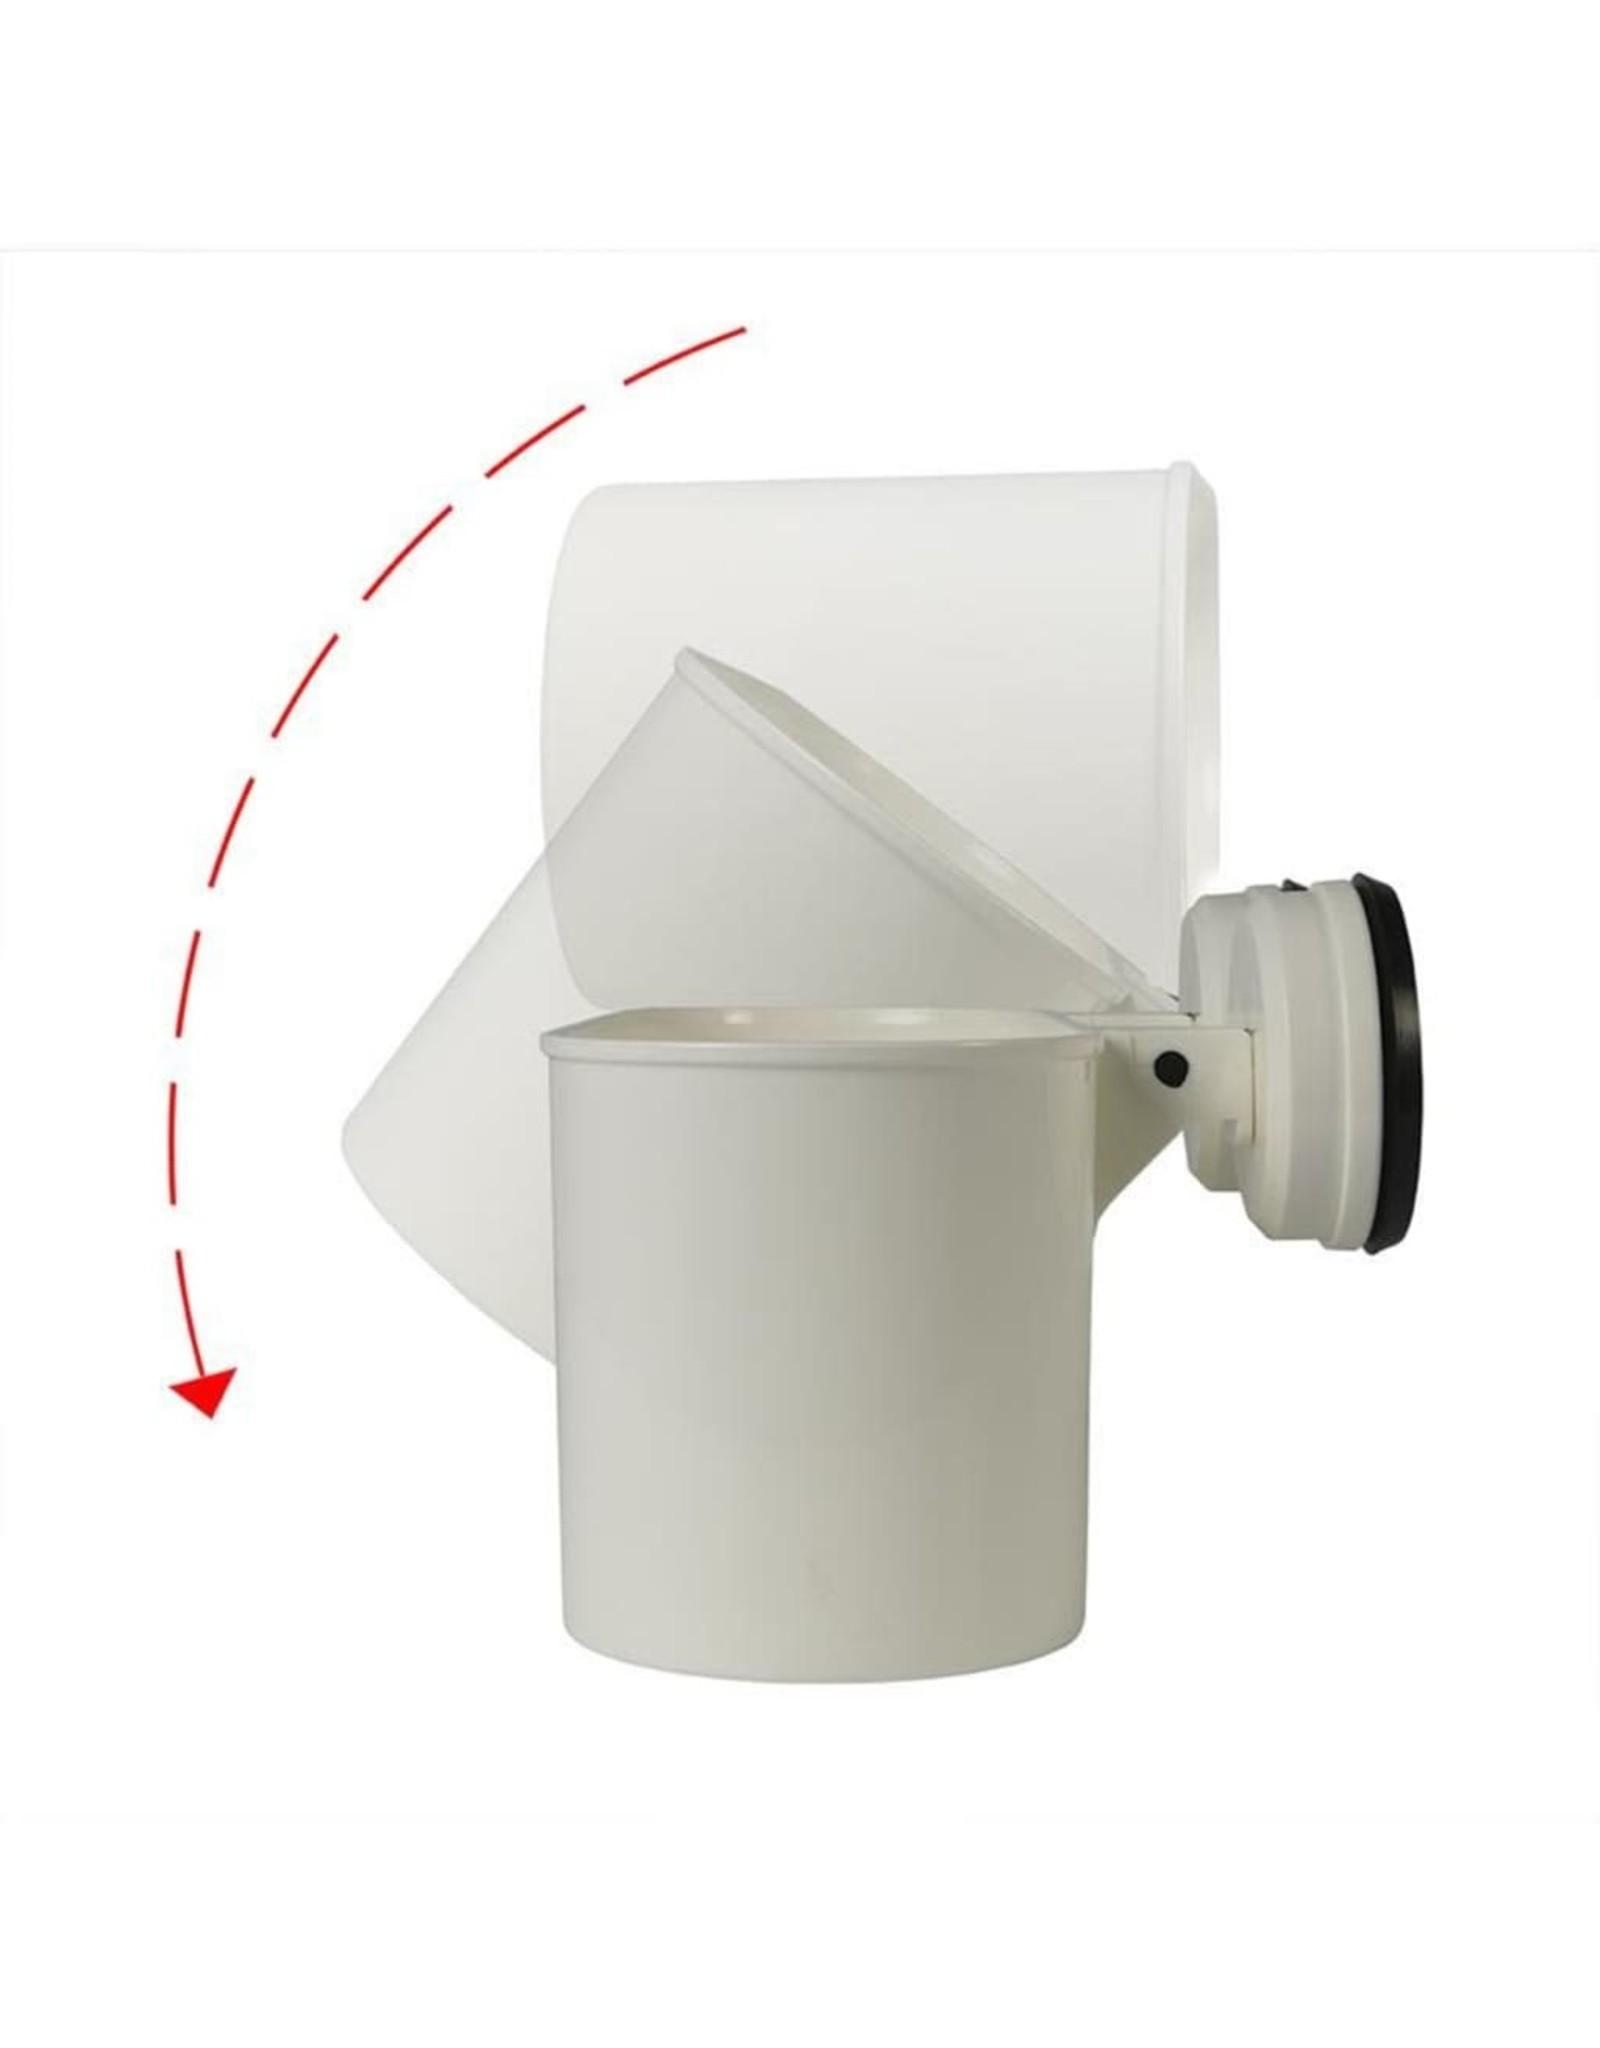 Badkamerschap met zuignappen 6 kg kunststof wit